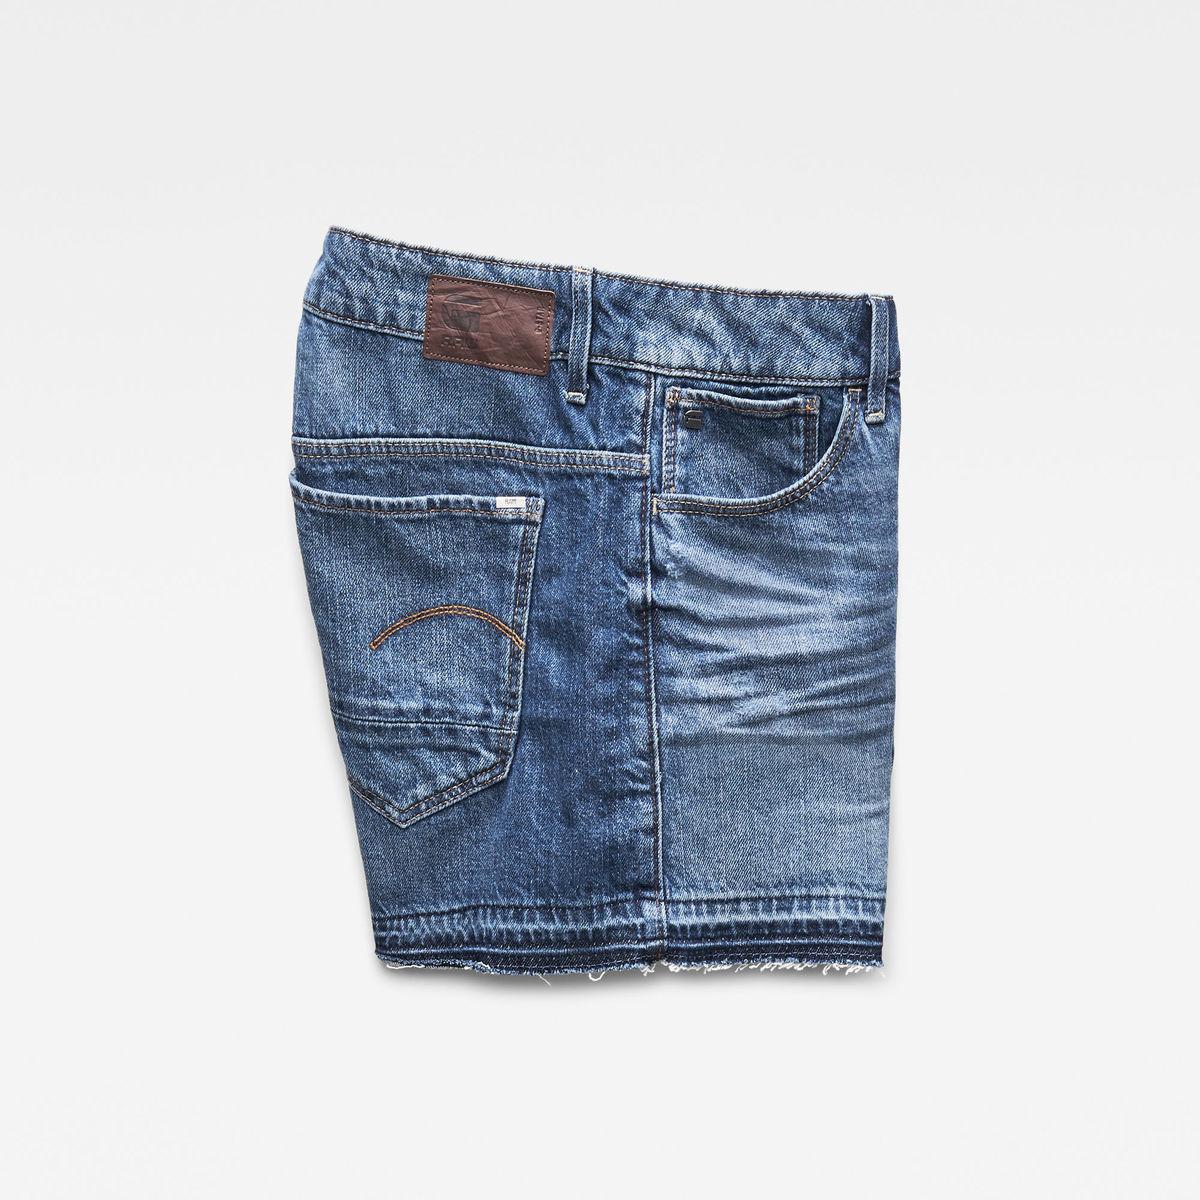 Bild 5 von Arc High waist Boyfriend Ripped Shorts